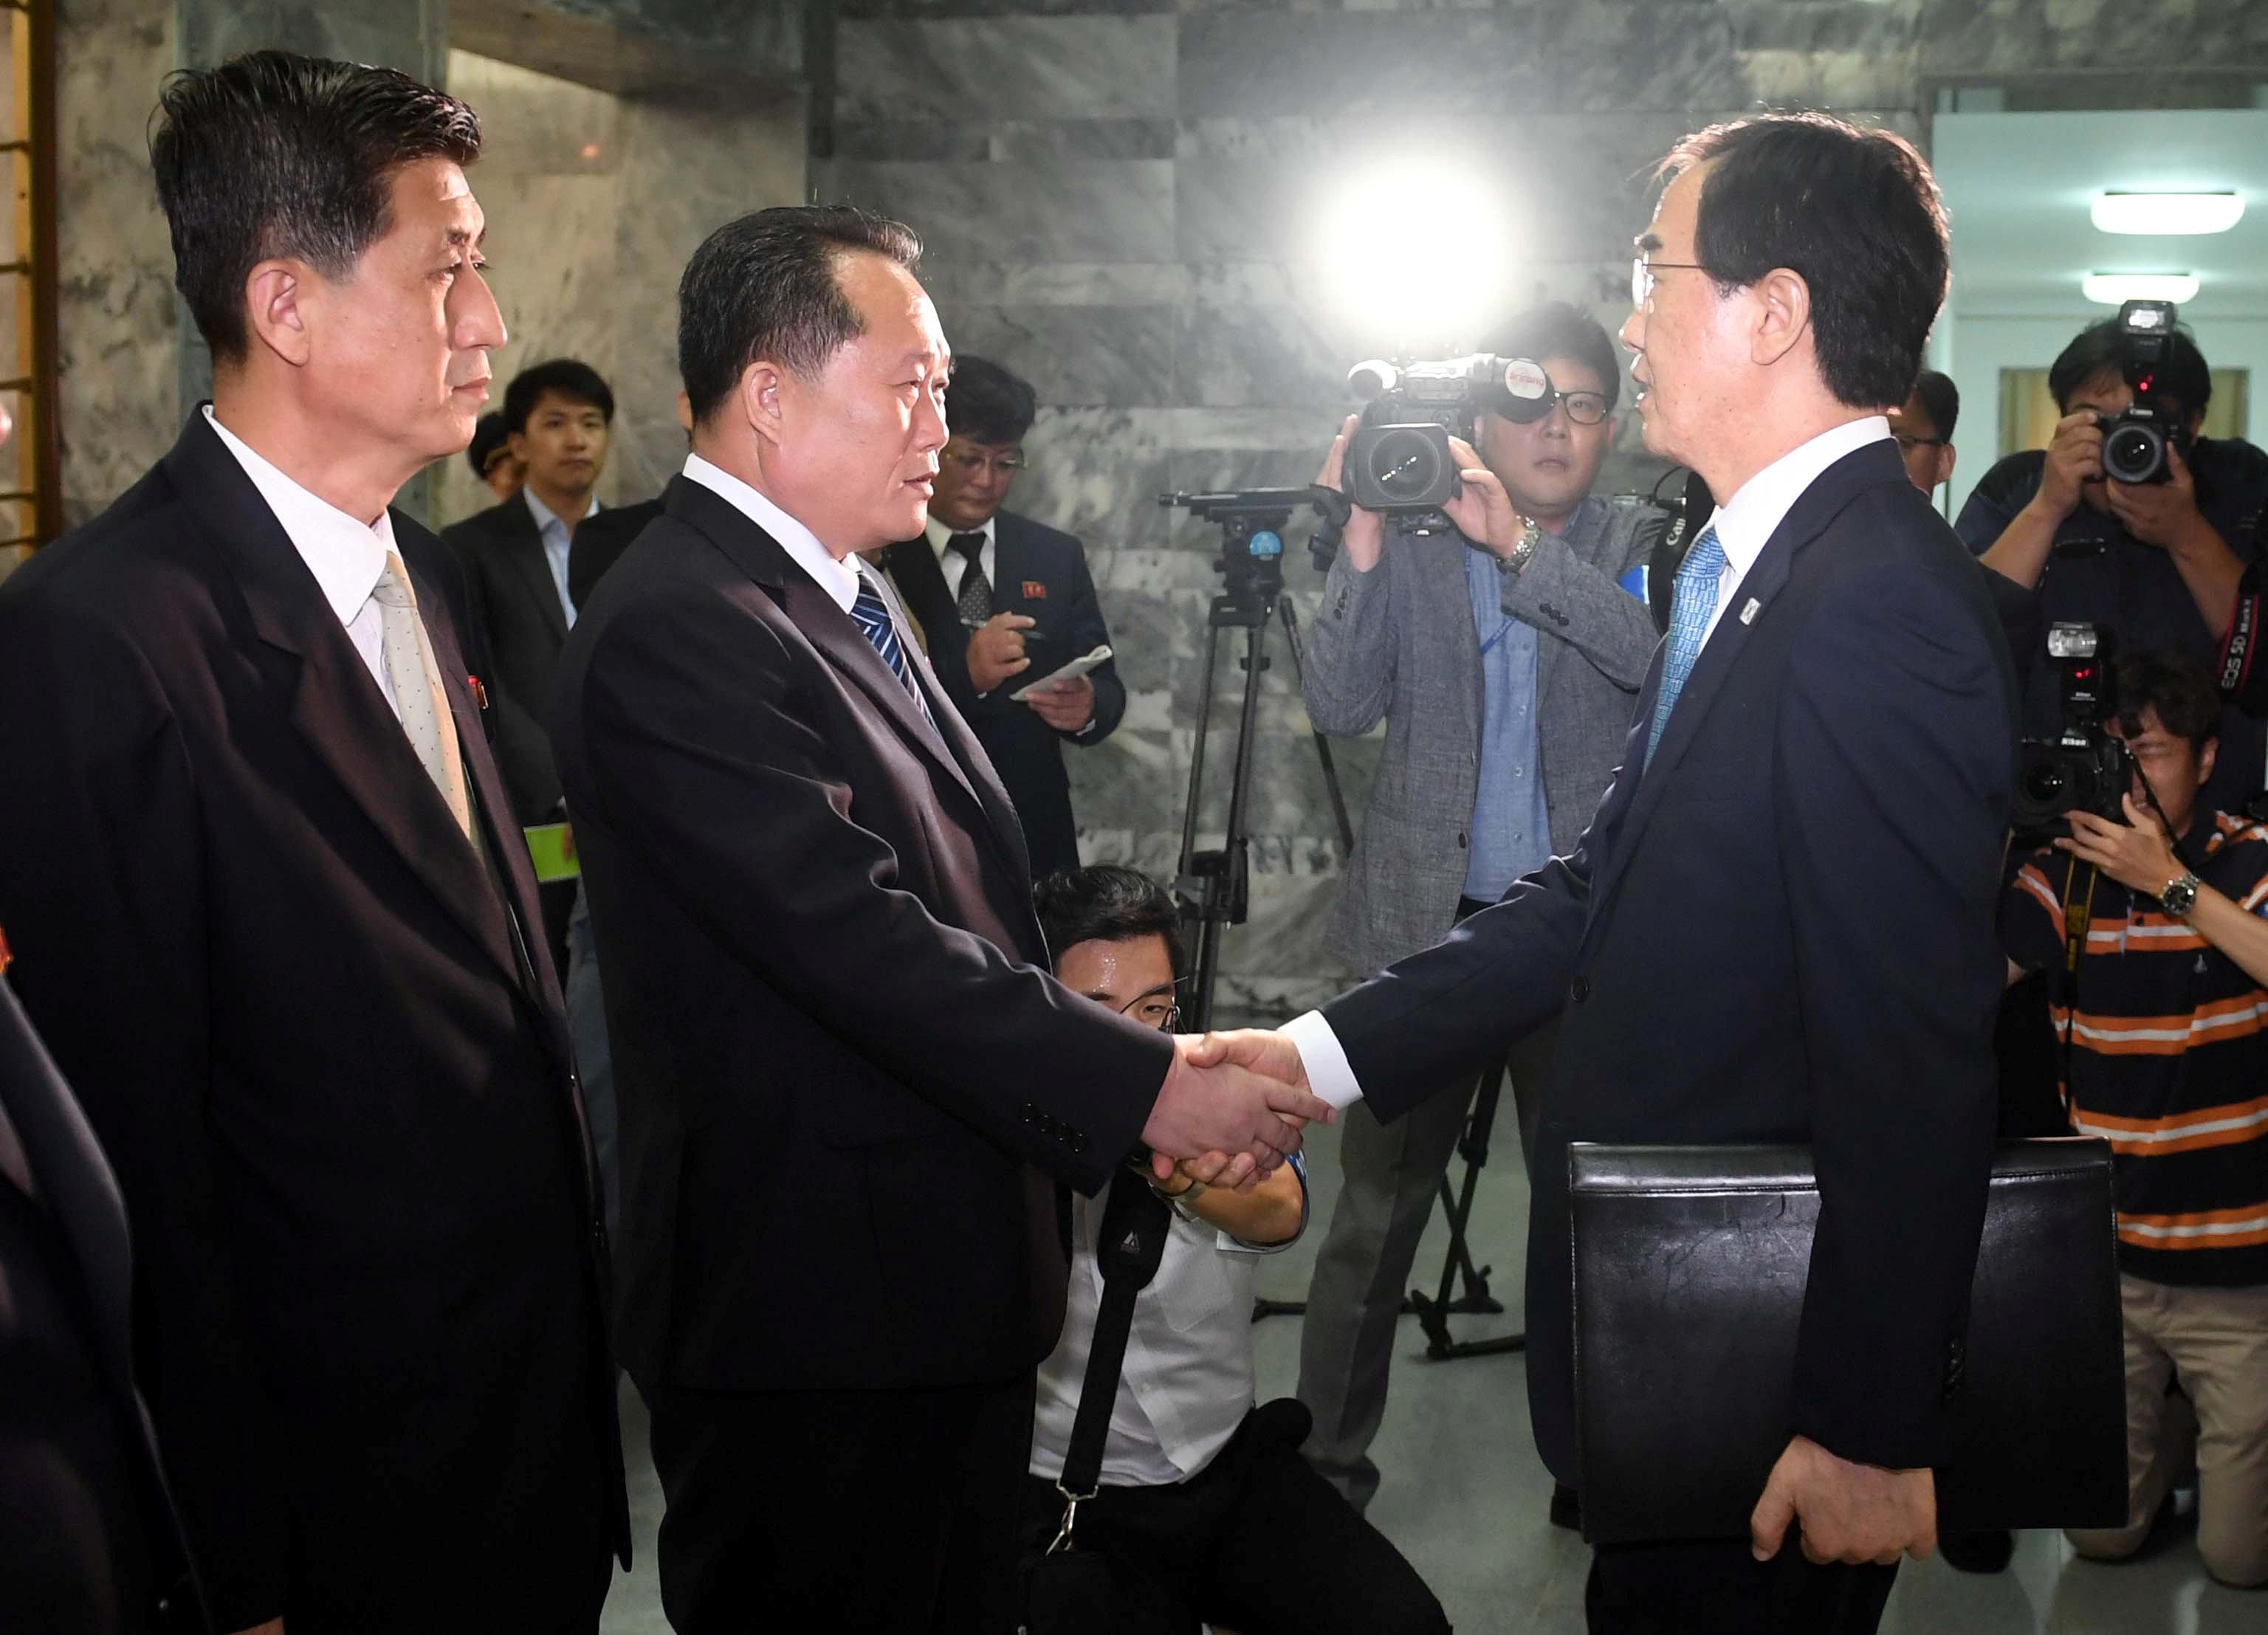 جانب من المباحثات بين الكوريتين